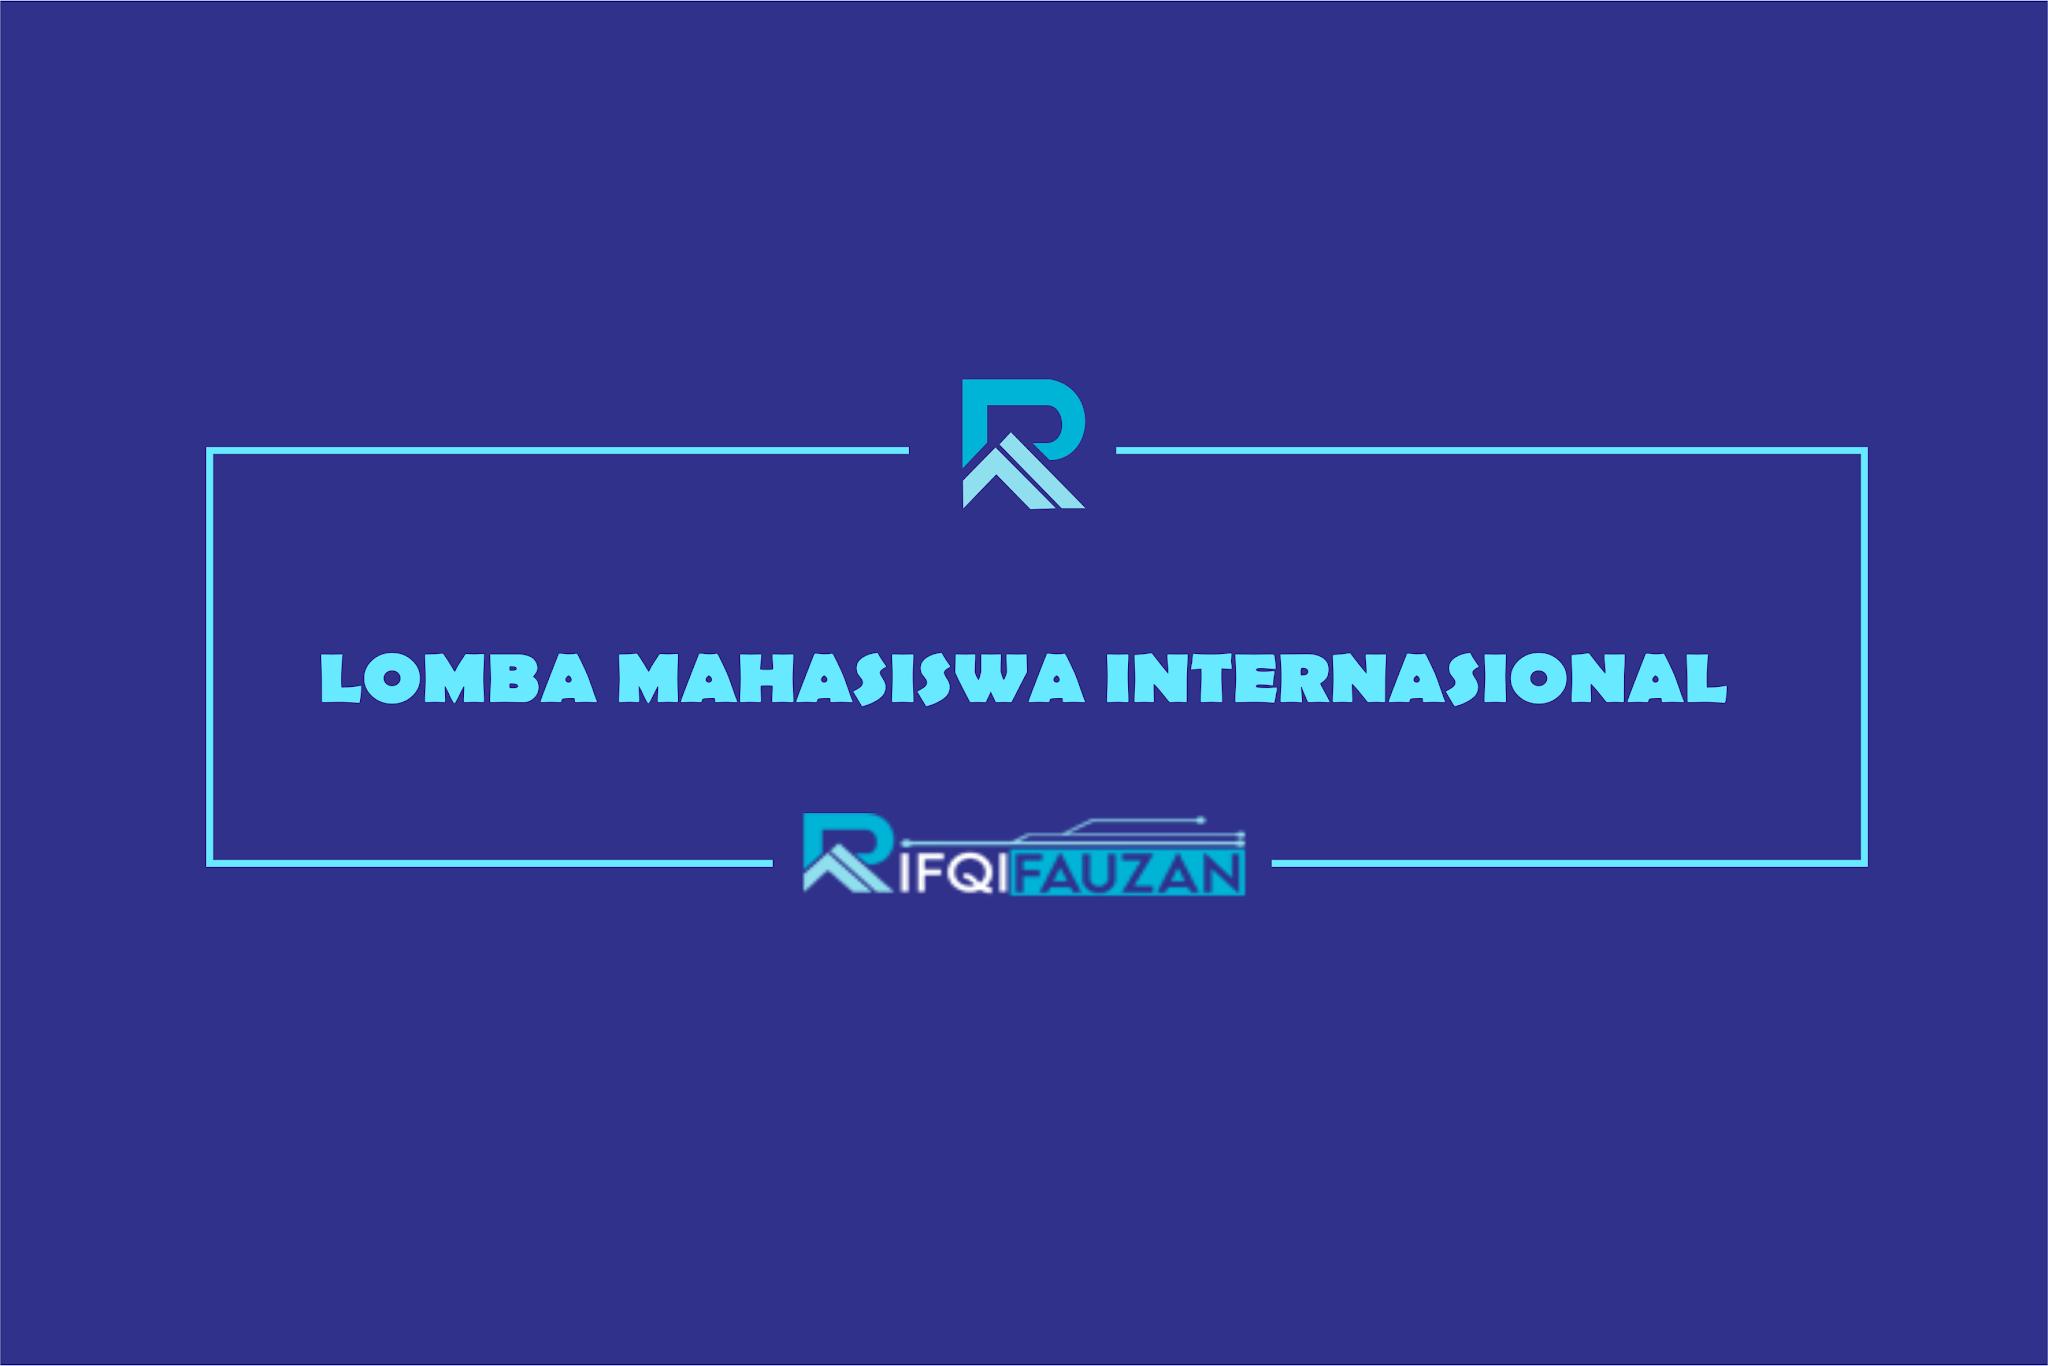 TINGKATKAN SKILL MELALUI LOMBA MAHASISWA INTERNASIONAL